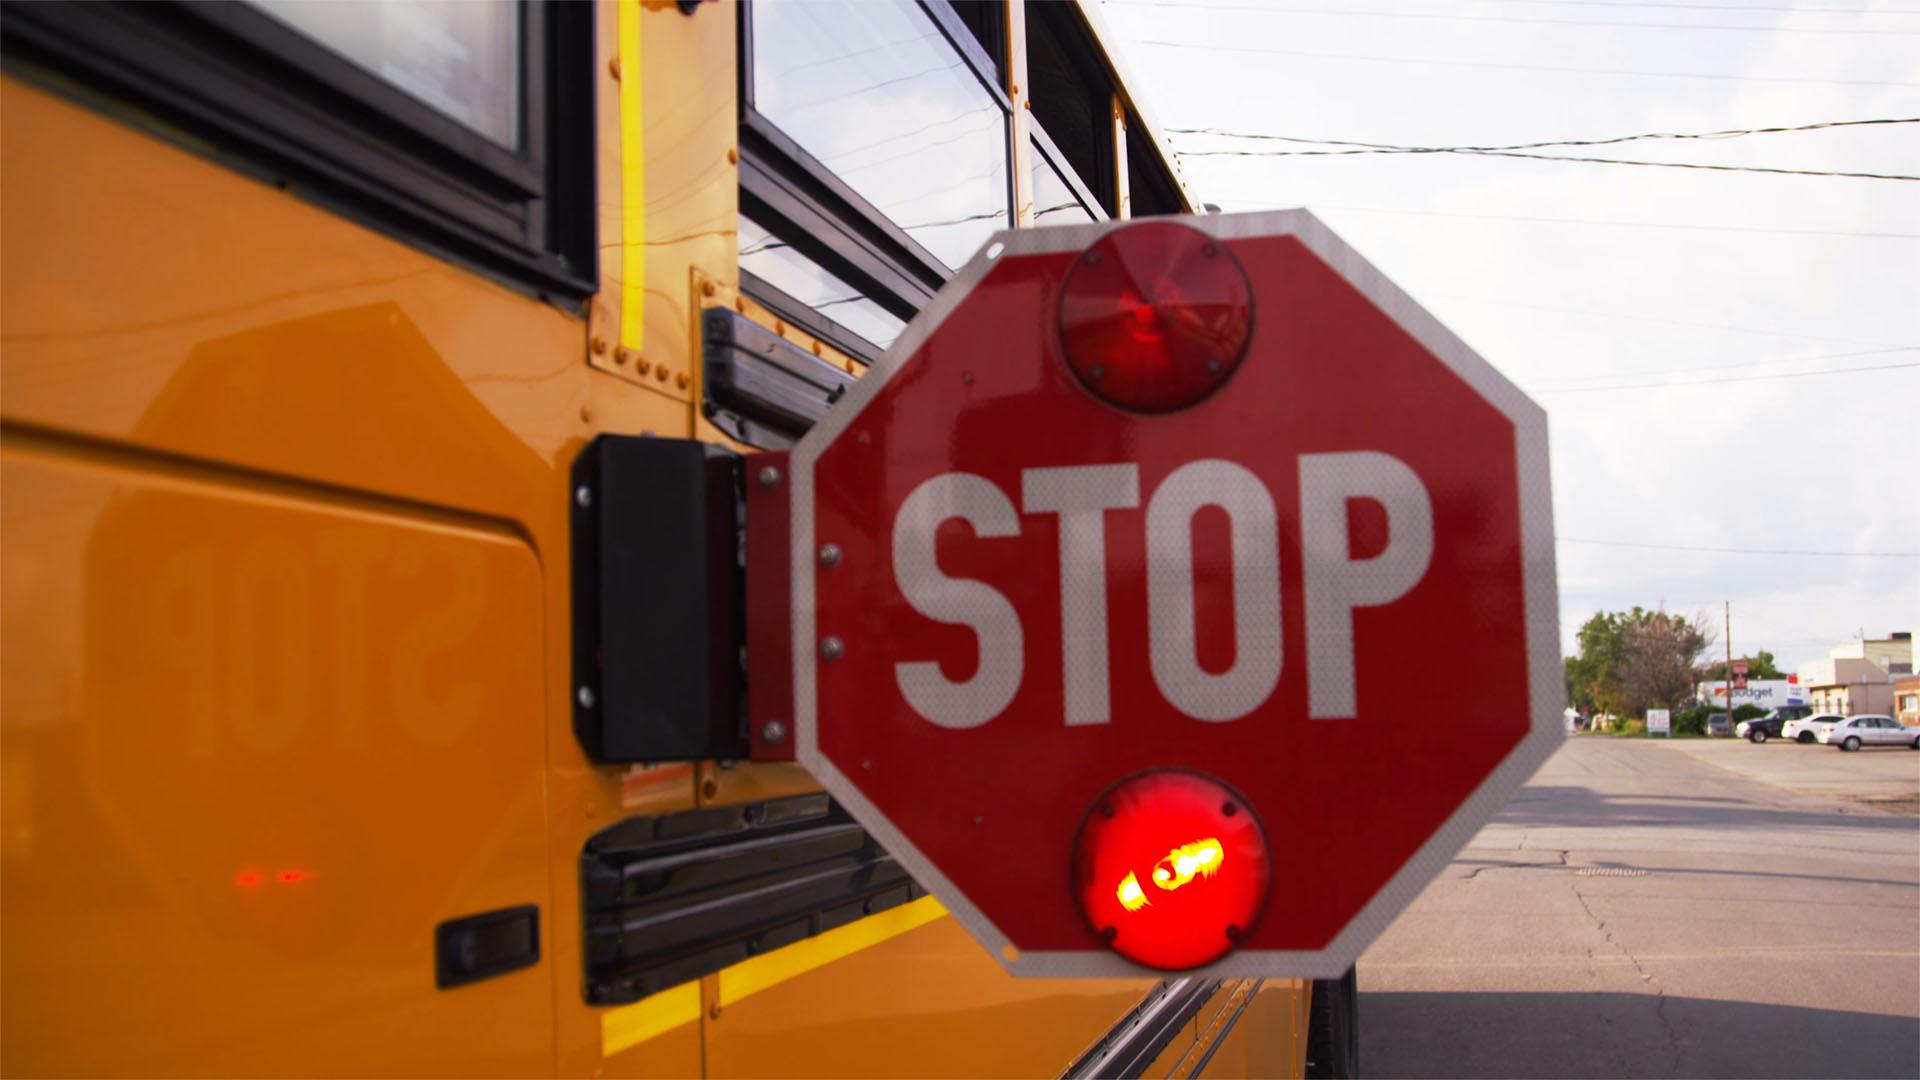 Local schools closing until April 14